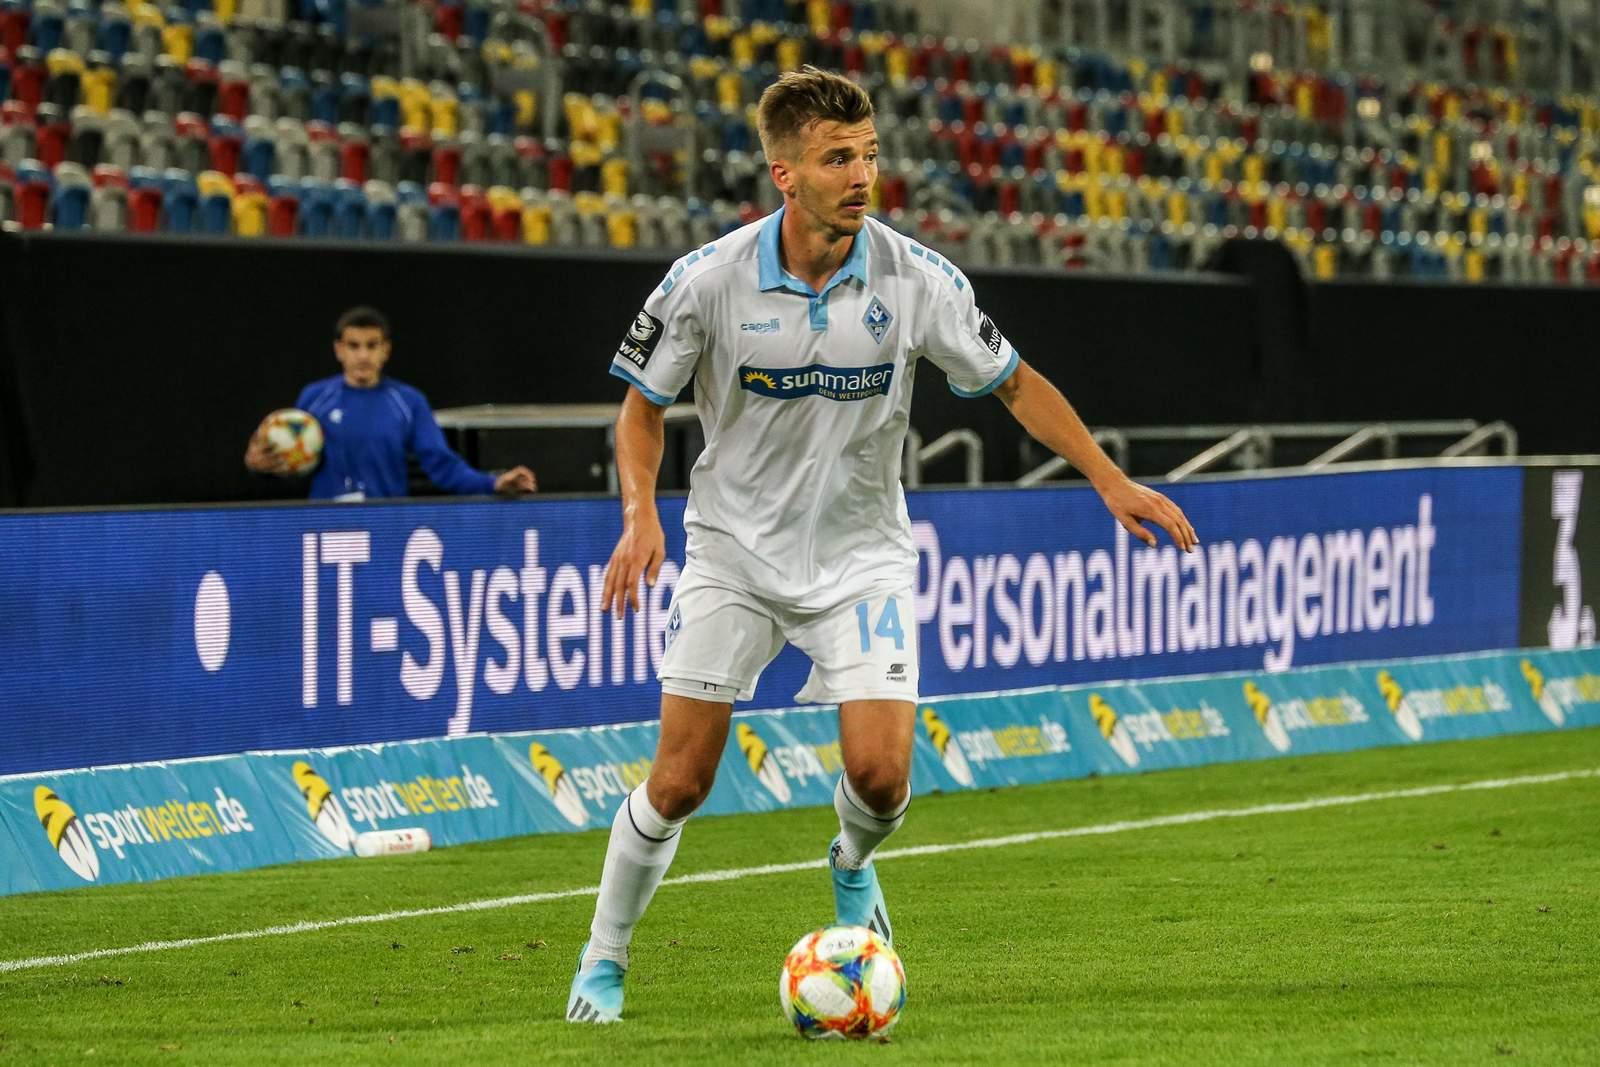 Maurice Deville im Spiel gegen Uerdingen.